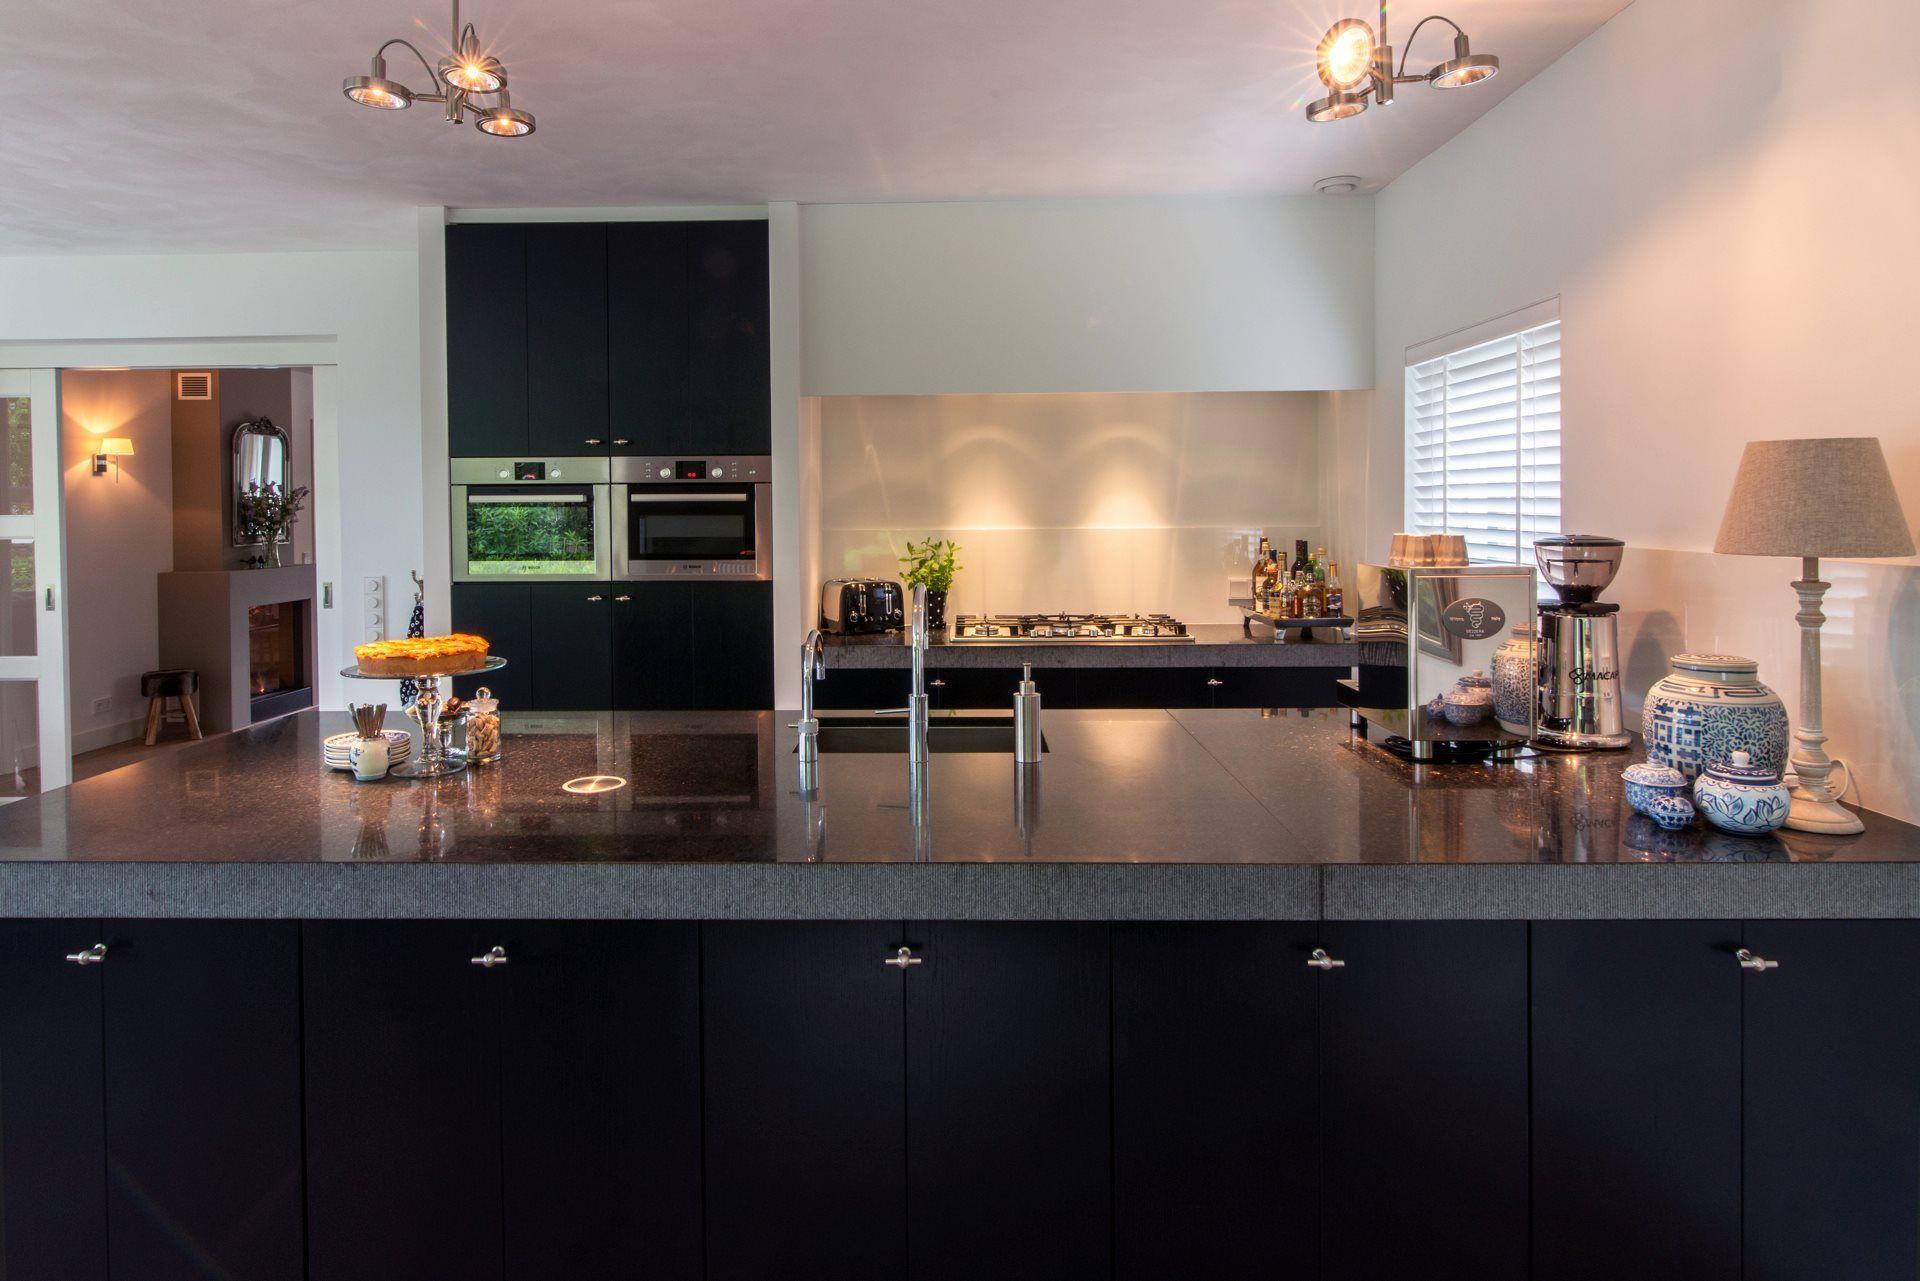 Van Galen Keukens : Kookeiland met eettafel clevervan galen keukens van galen keukens